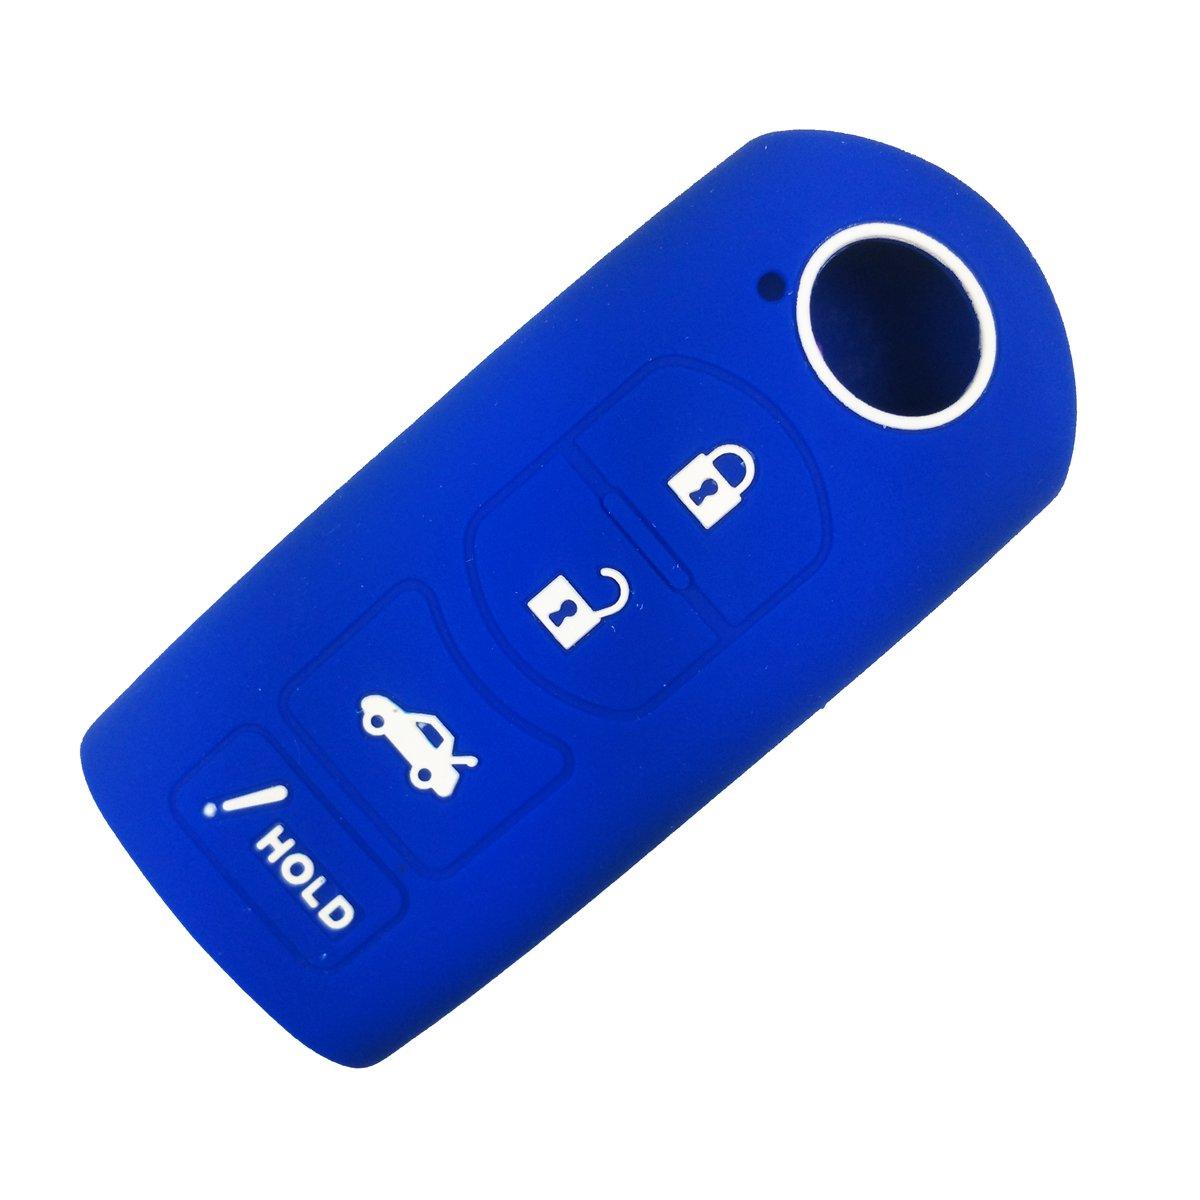 coolbestdaシリコンキーリモートFobカバーケースプロテクタースキンジャケットキーレスエントリのマツダ3 6 CX 7 CX 9 MX 5 Miata 4ボタンスマートキー ブルー WAZXIT763SKE11A04 B01M3T196X ブルー ブルー